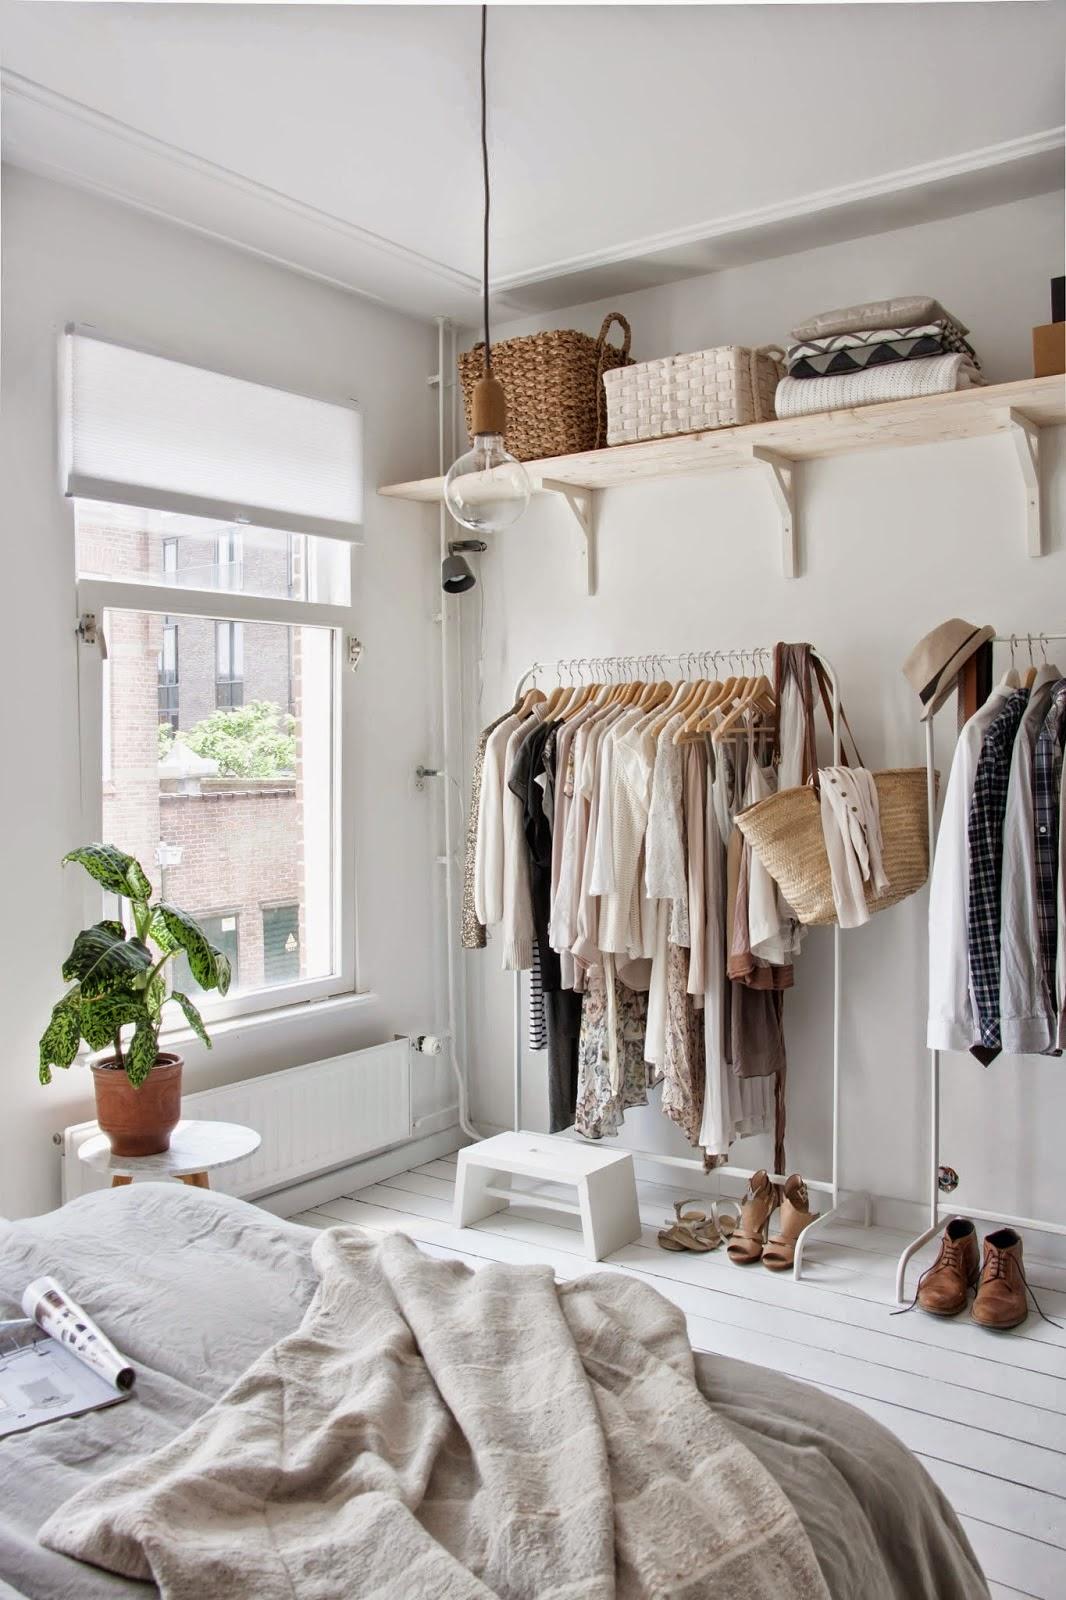 Deco crear un dormitorio con vestidor abierto virlova - Decoracion vintage dormitorios ...